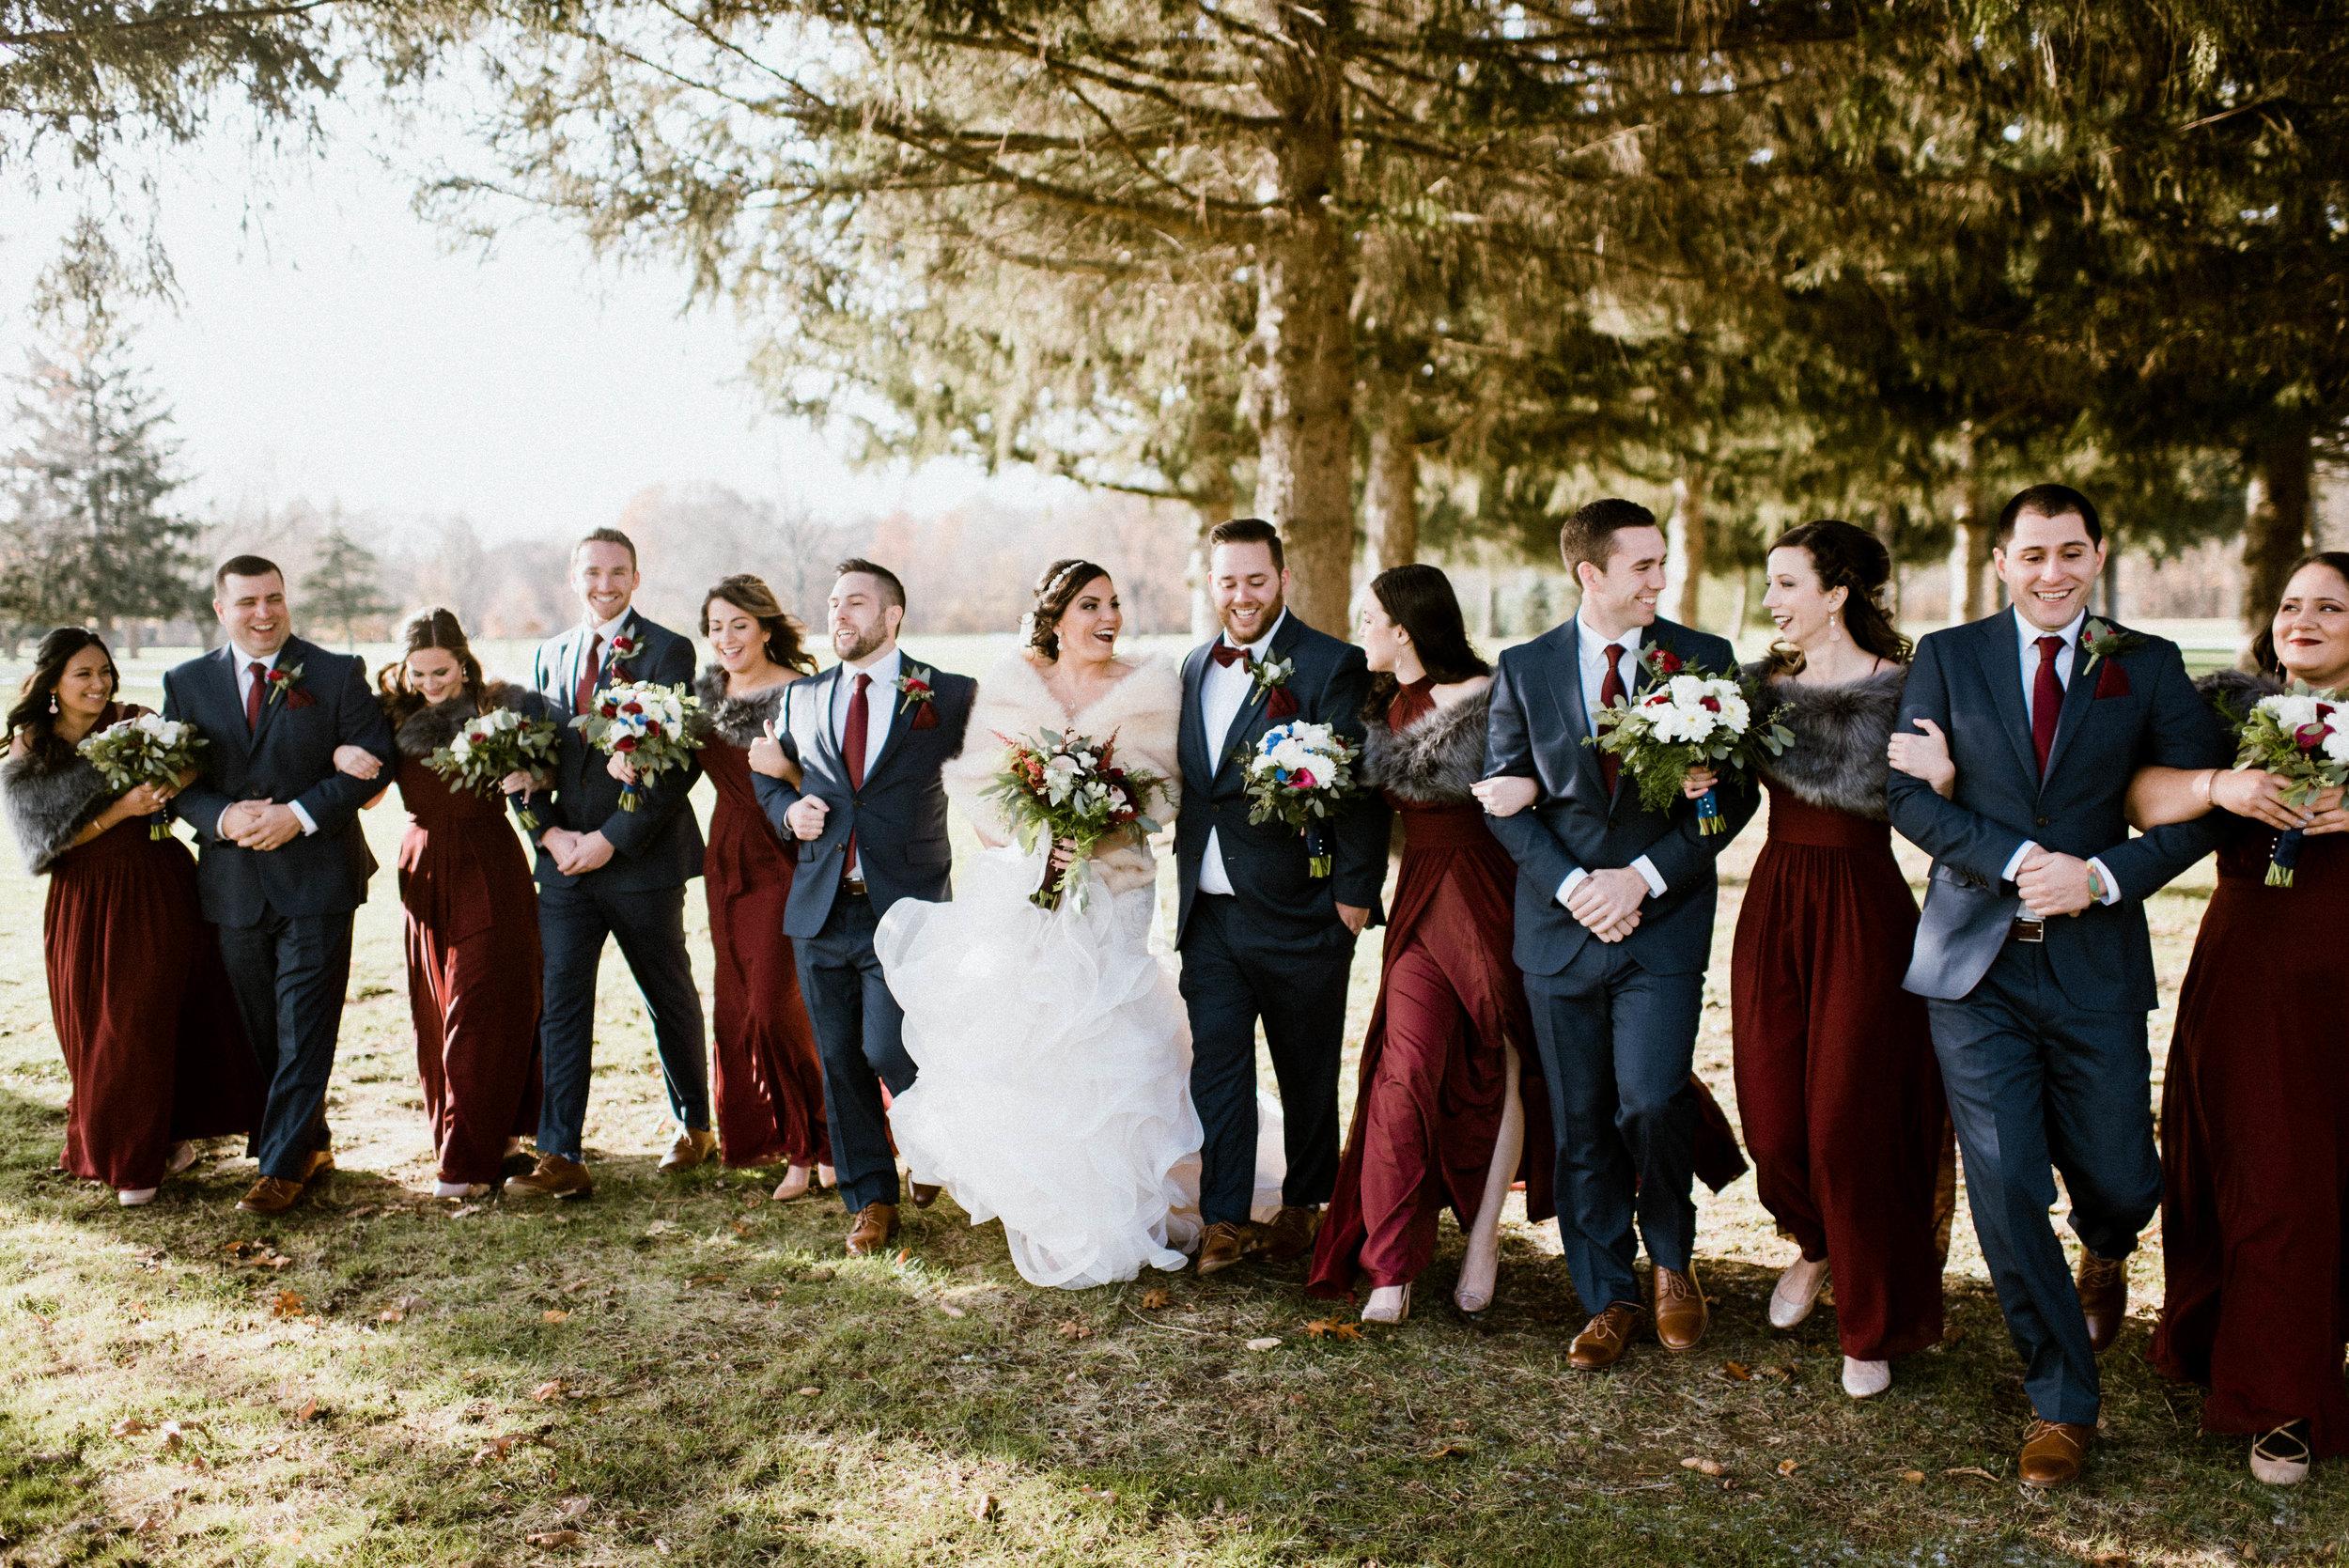 Billy + Nellie // Rochester, NY Wedding